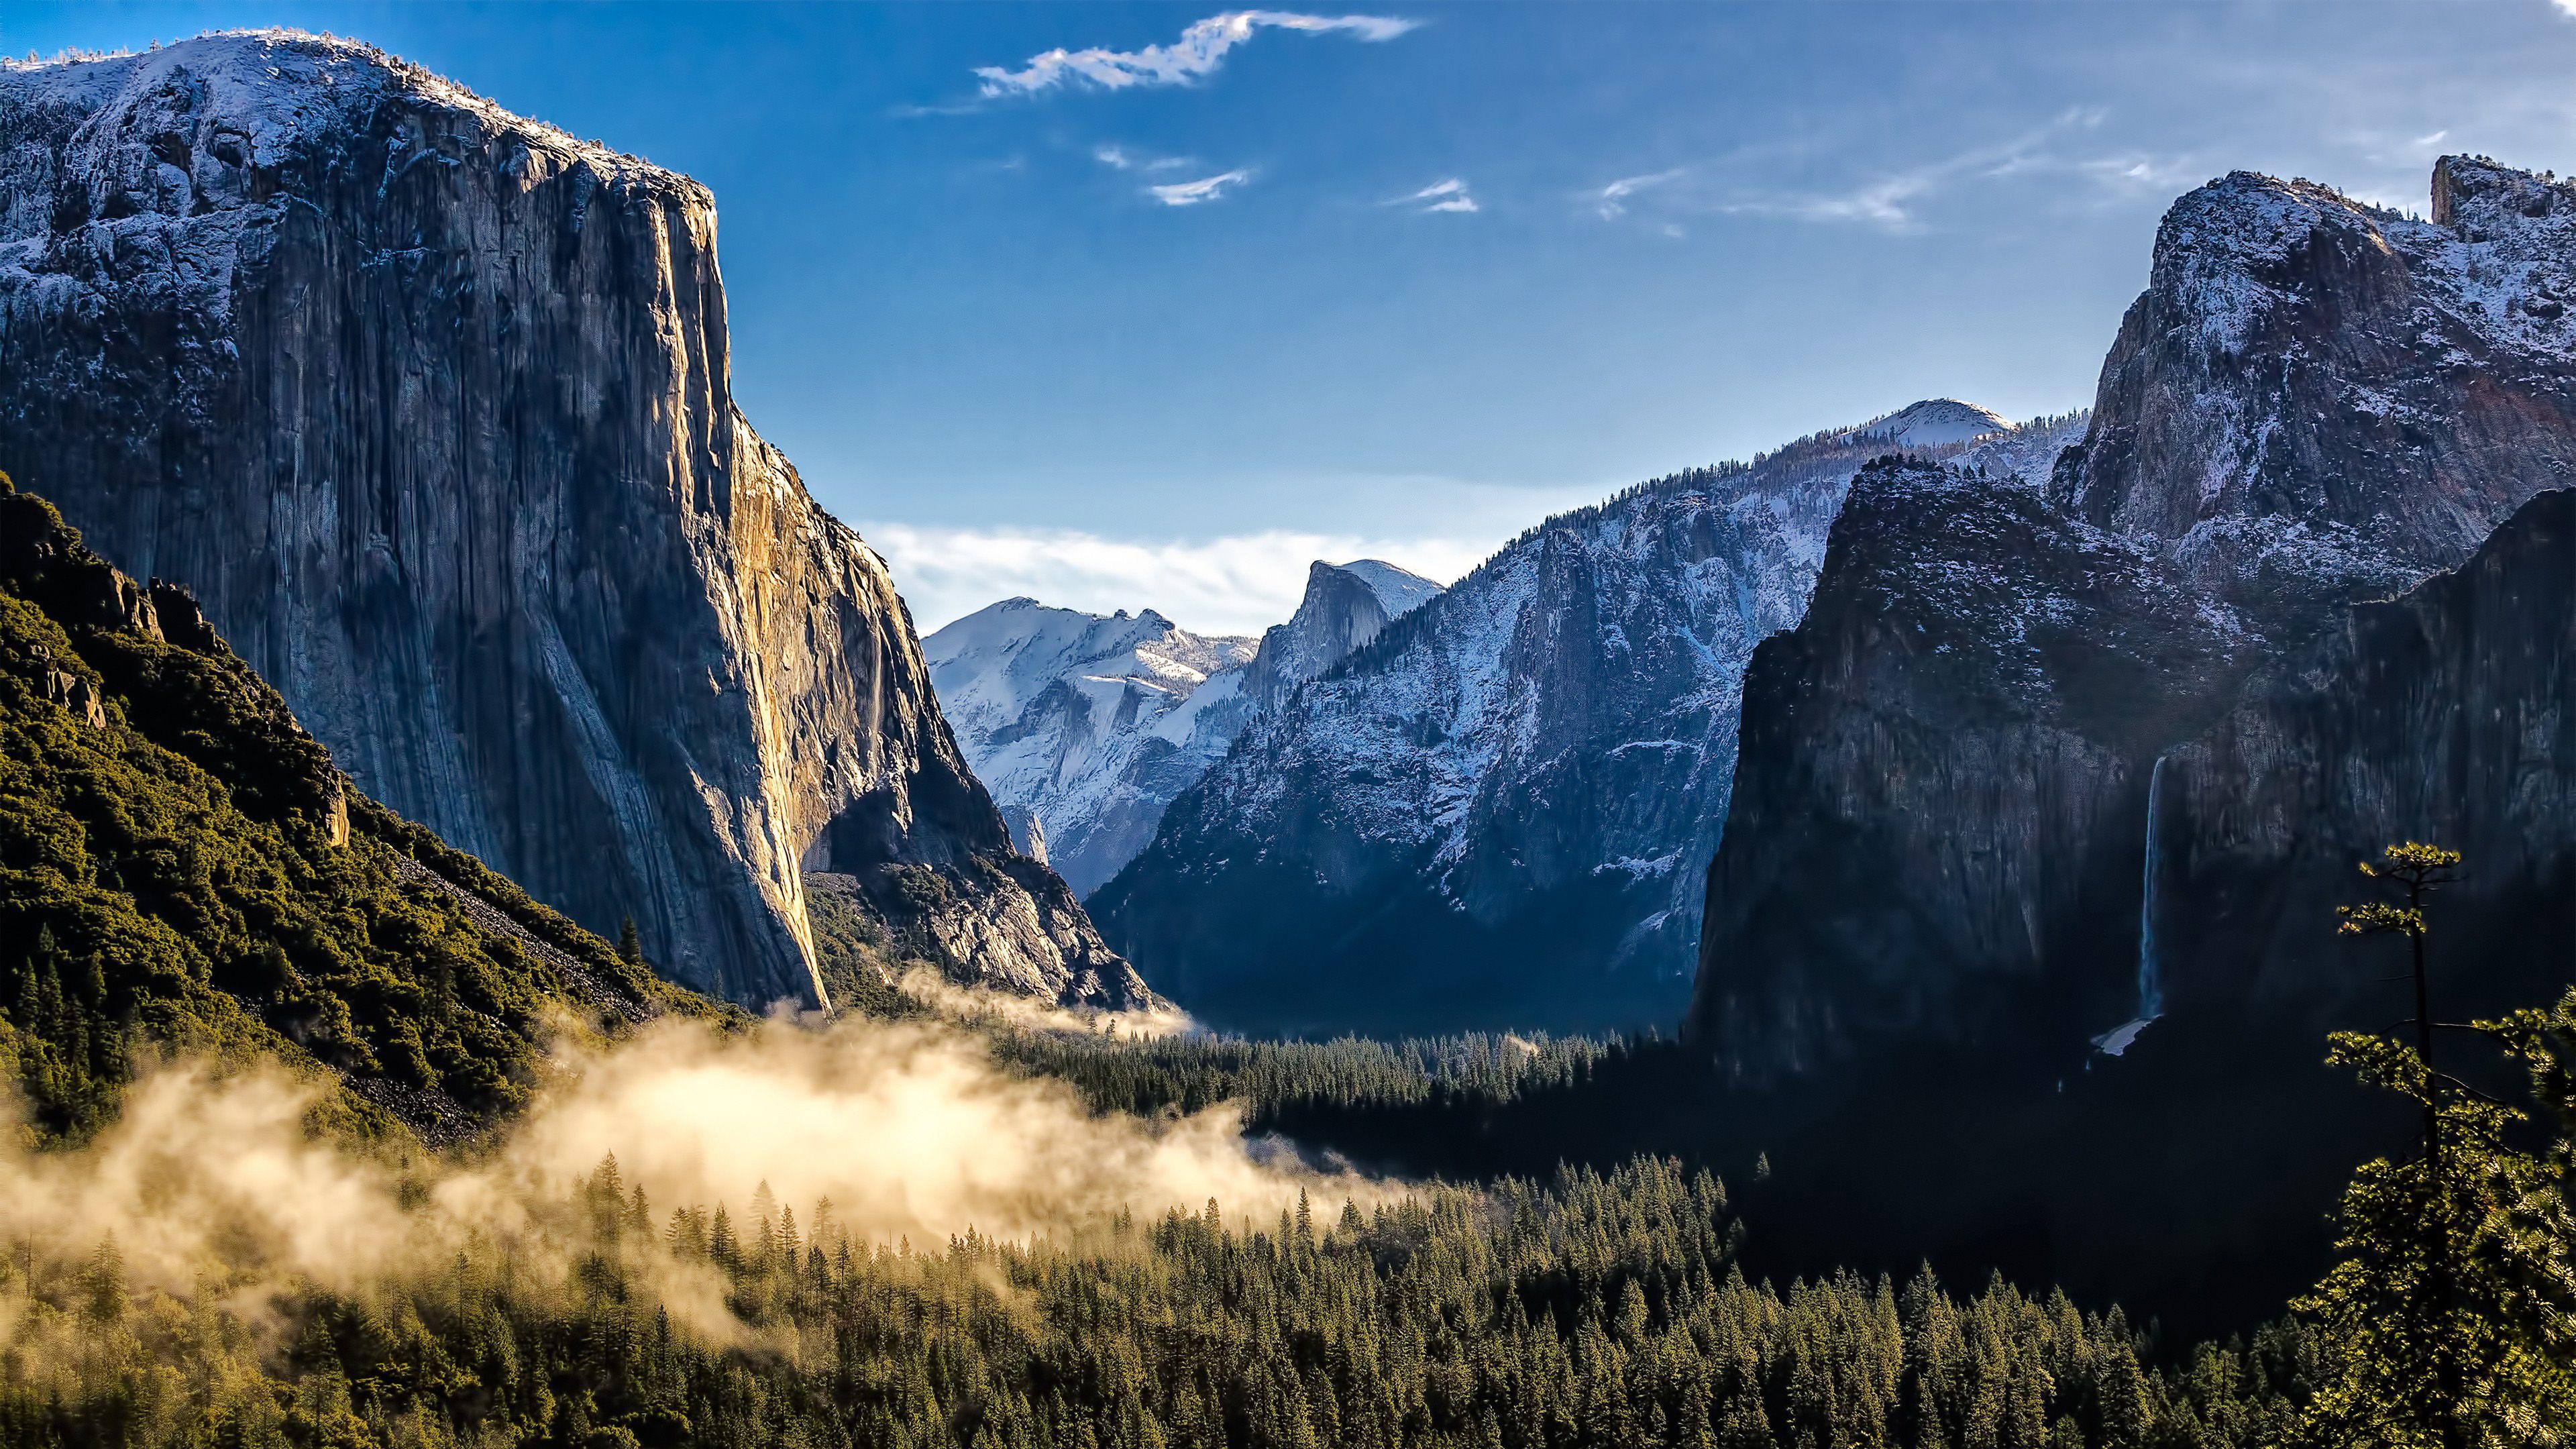 4k Wallpaper 6 Yosemite Wallpaper Yosemite Mountains National Parks